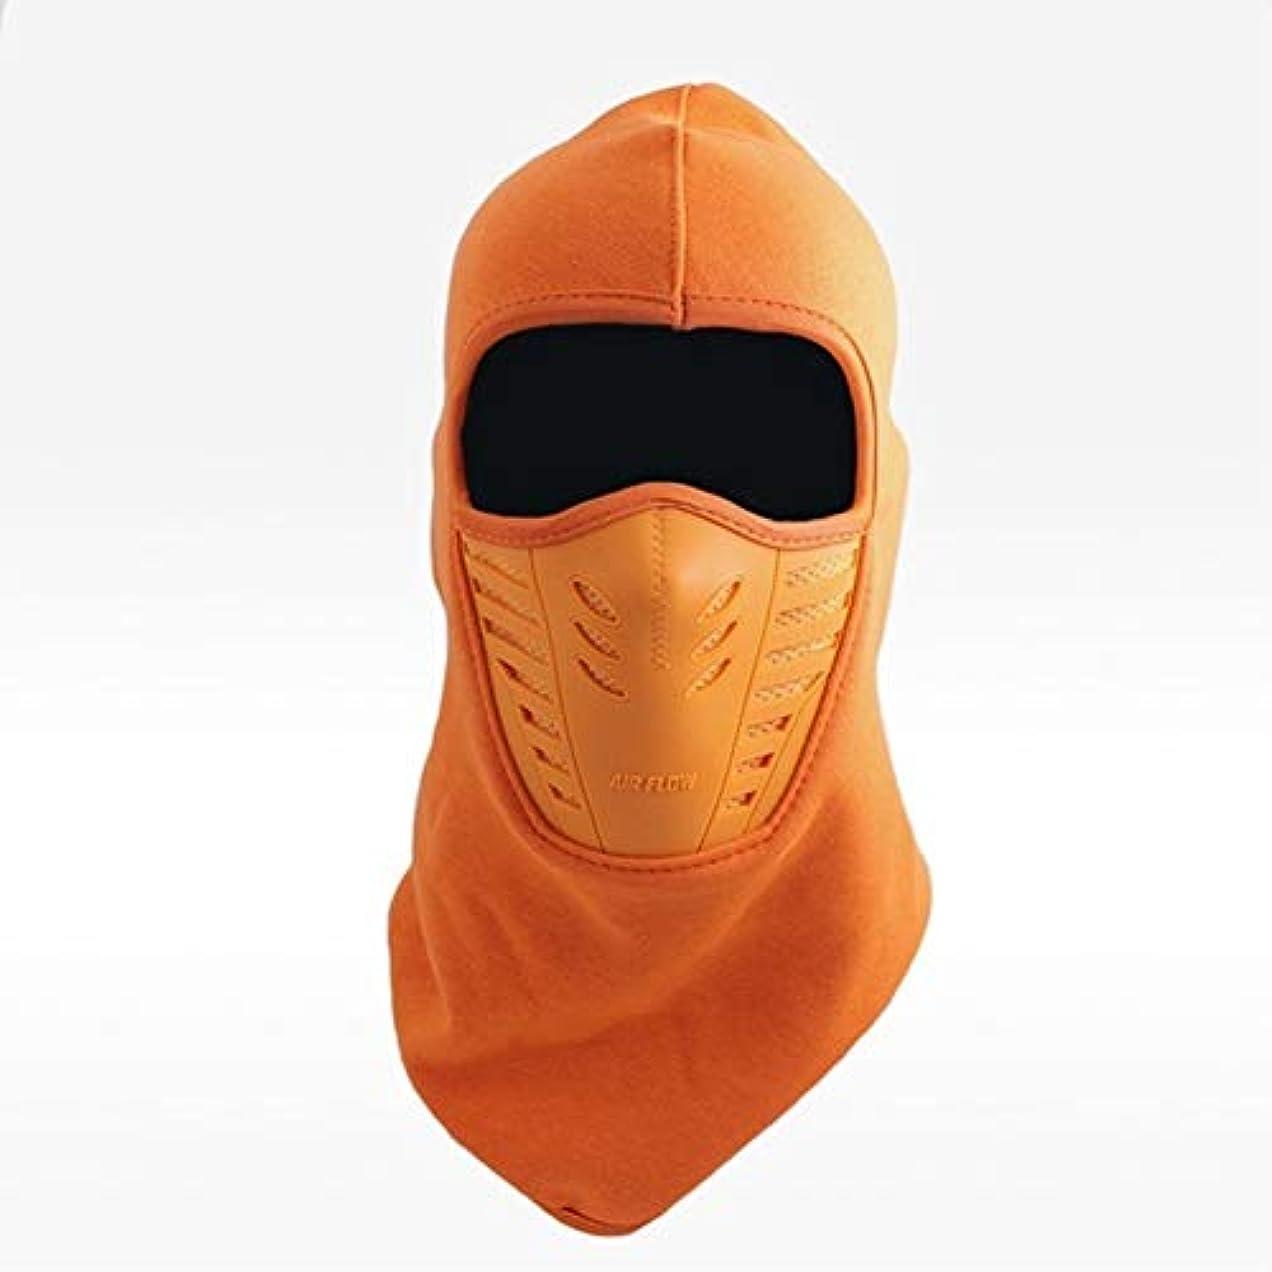 説明する血統メインACHICOO フェイスマスク 自転車 熱 冬暖かい 防風 防寒 帽子 風防 オートバイ ハットネック ヘルメットビーンズ